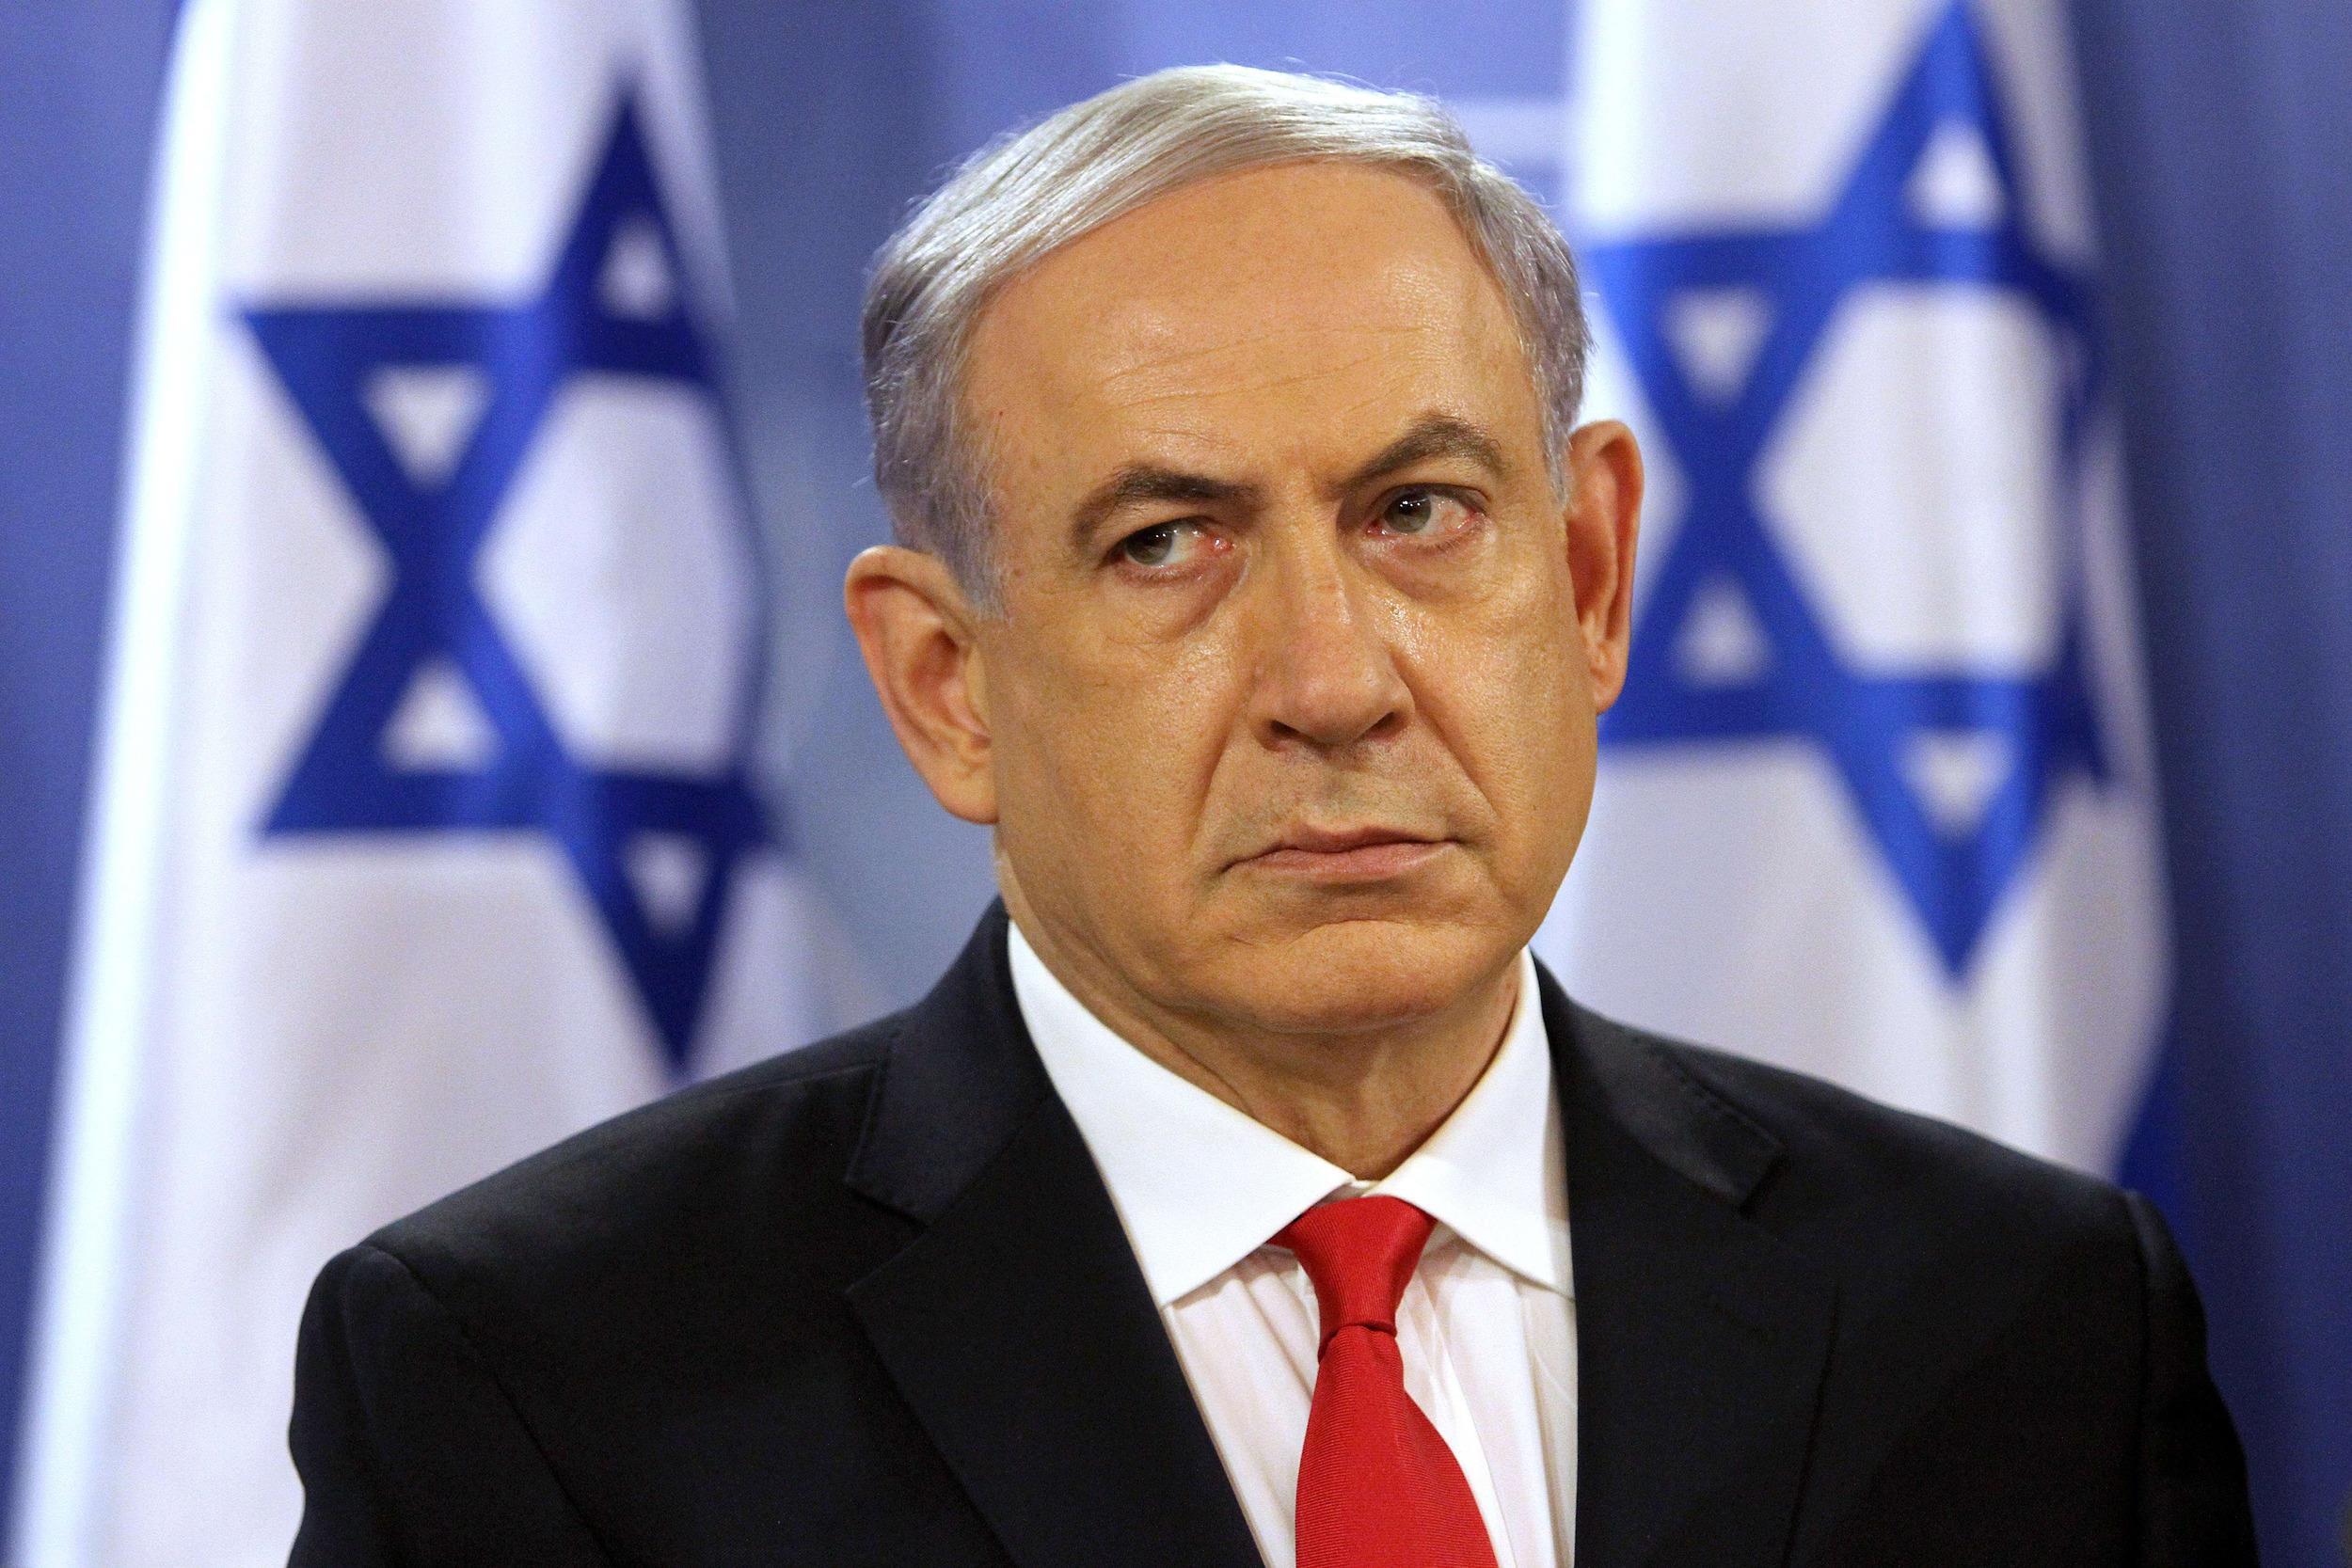 نتنياهو : هناك طريق للسلام مع الفلسطينيين عبر «التطبيع» مع دول عربية